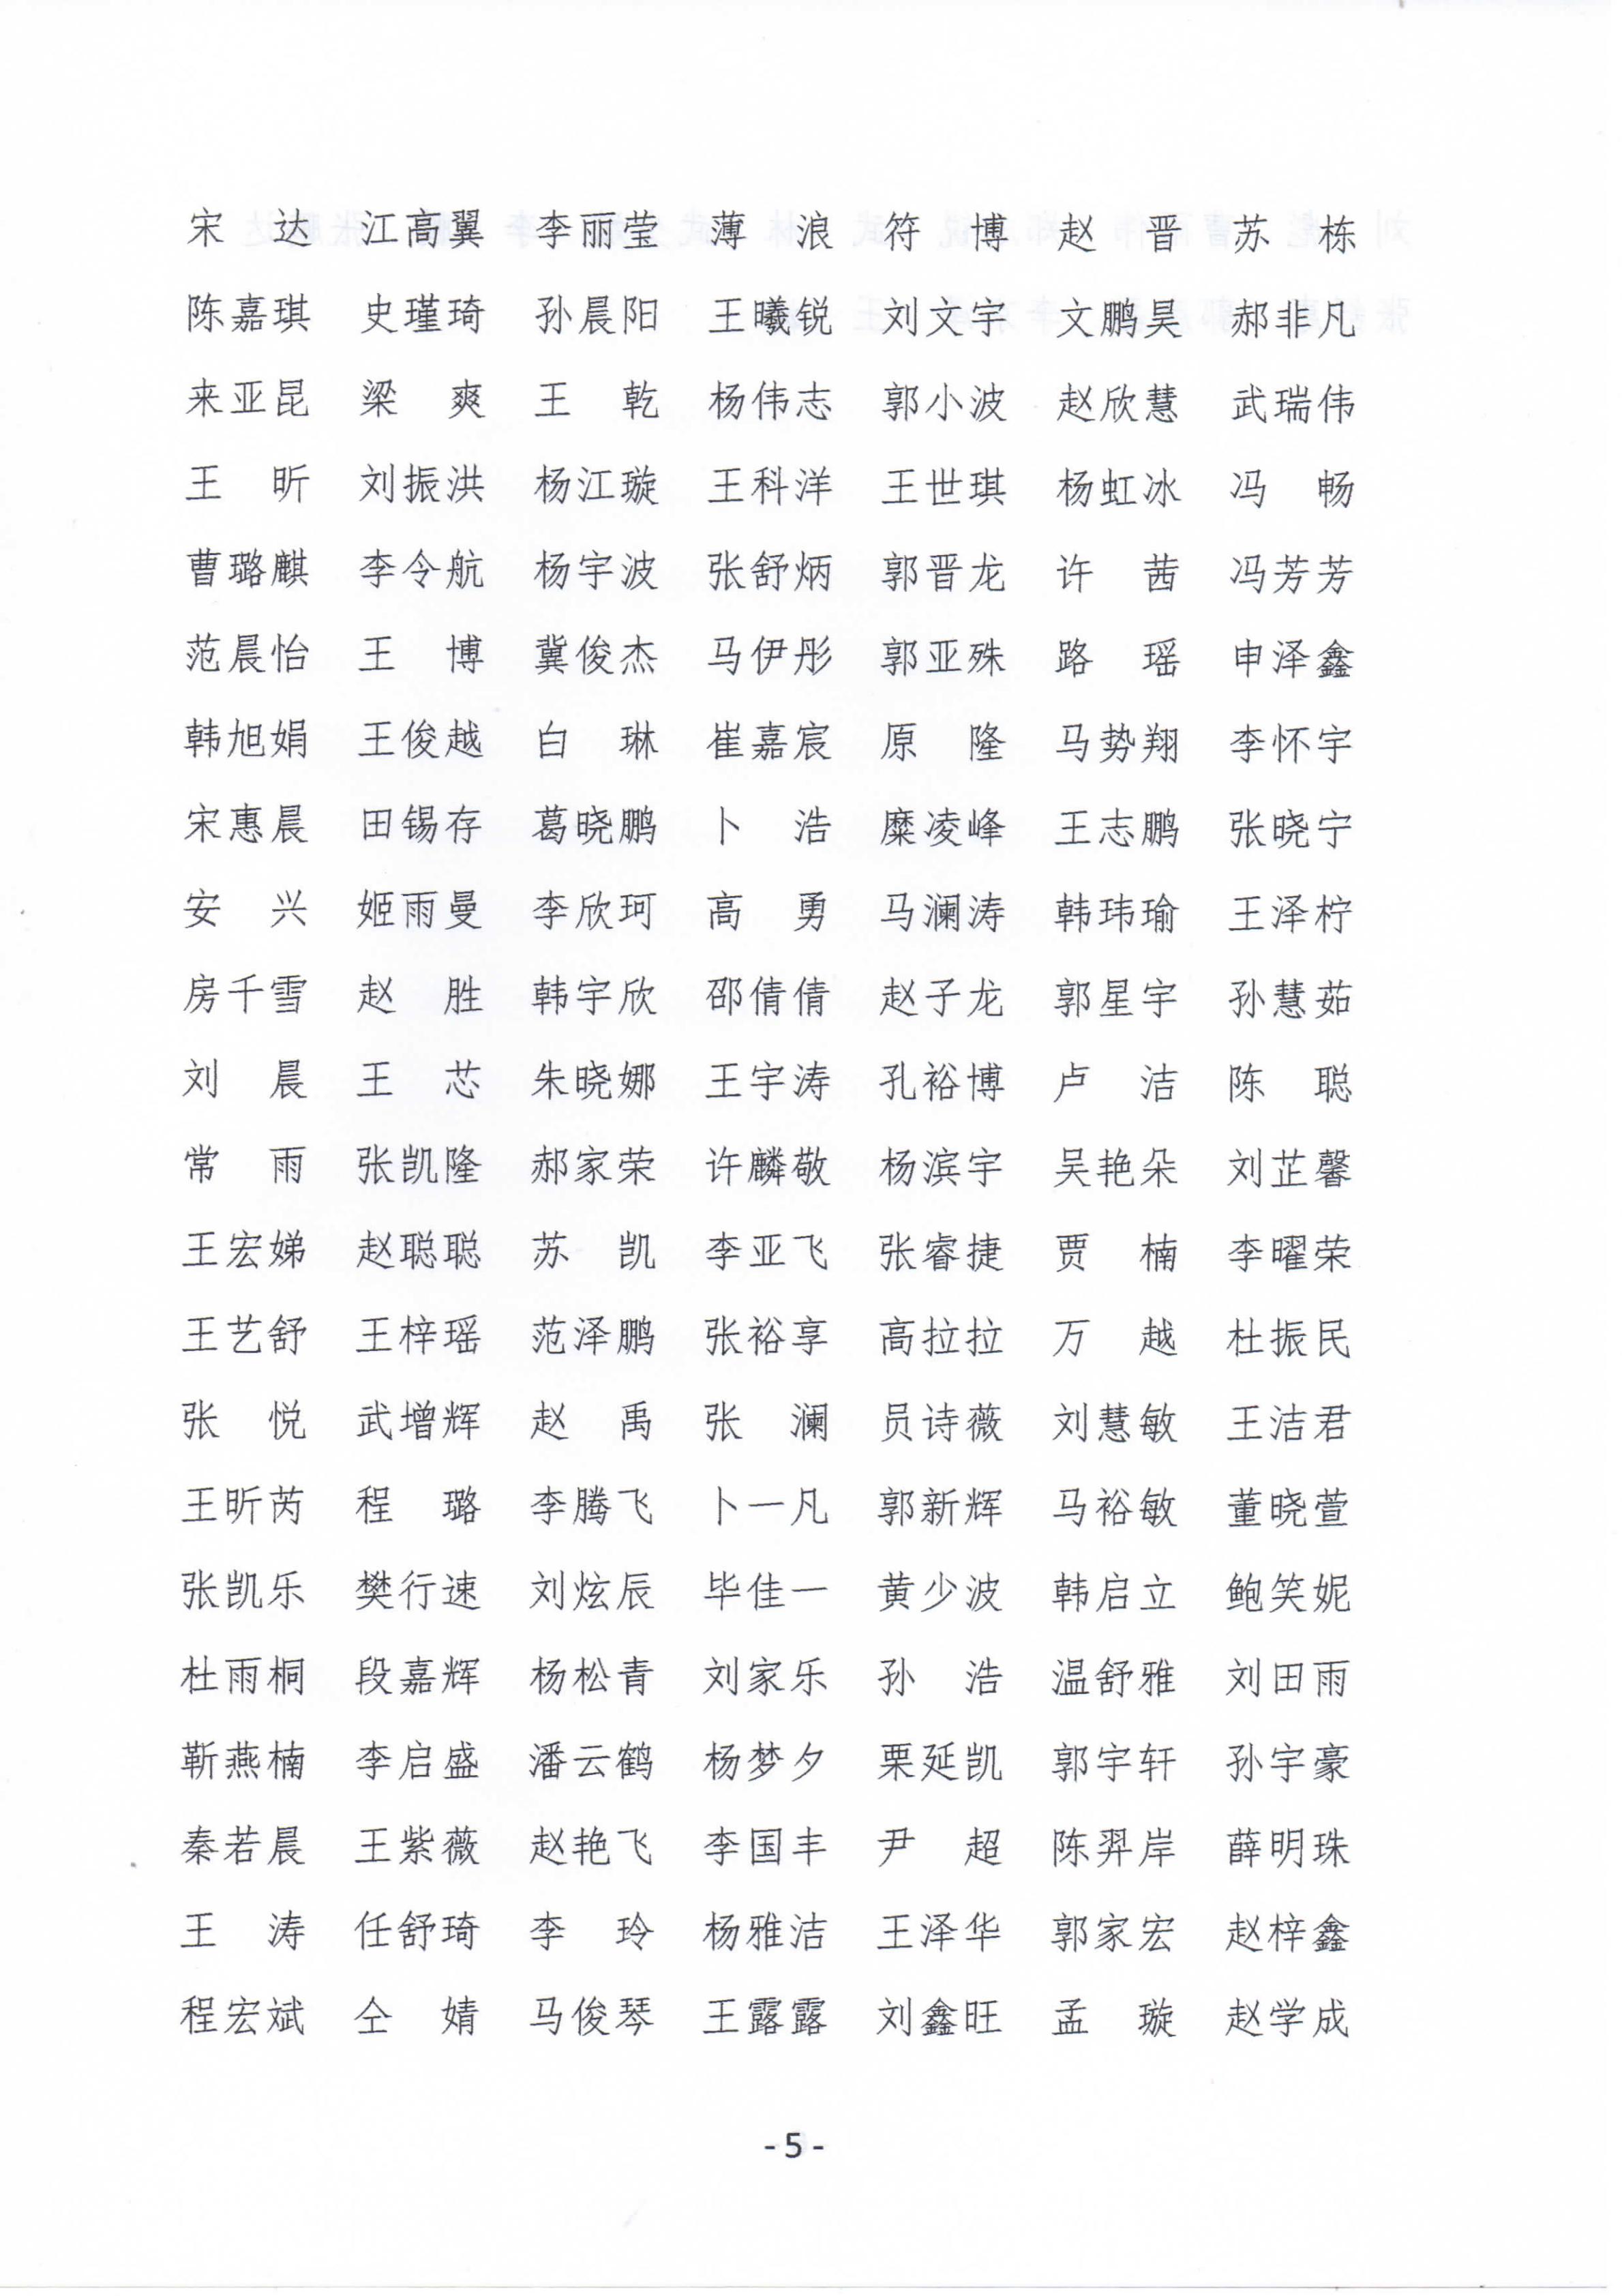 """9-晋科院团[2019]9号--关于表彰2018年度""""五四""""先进集体和优秀个人的决定_04.png"""